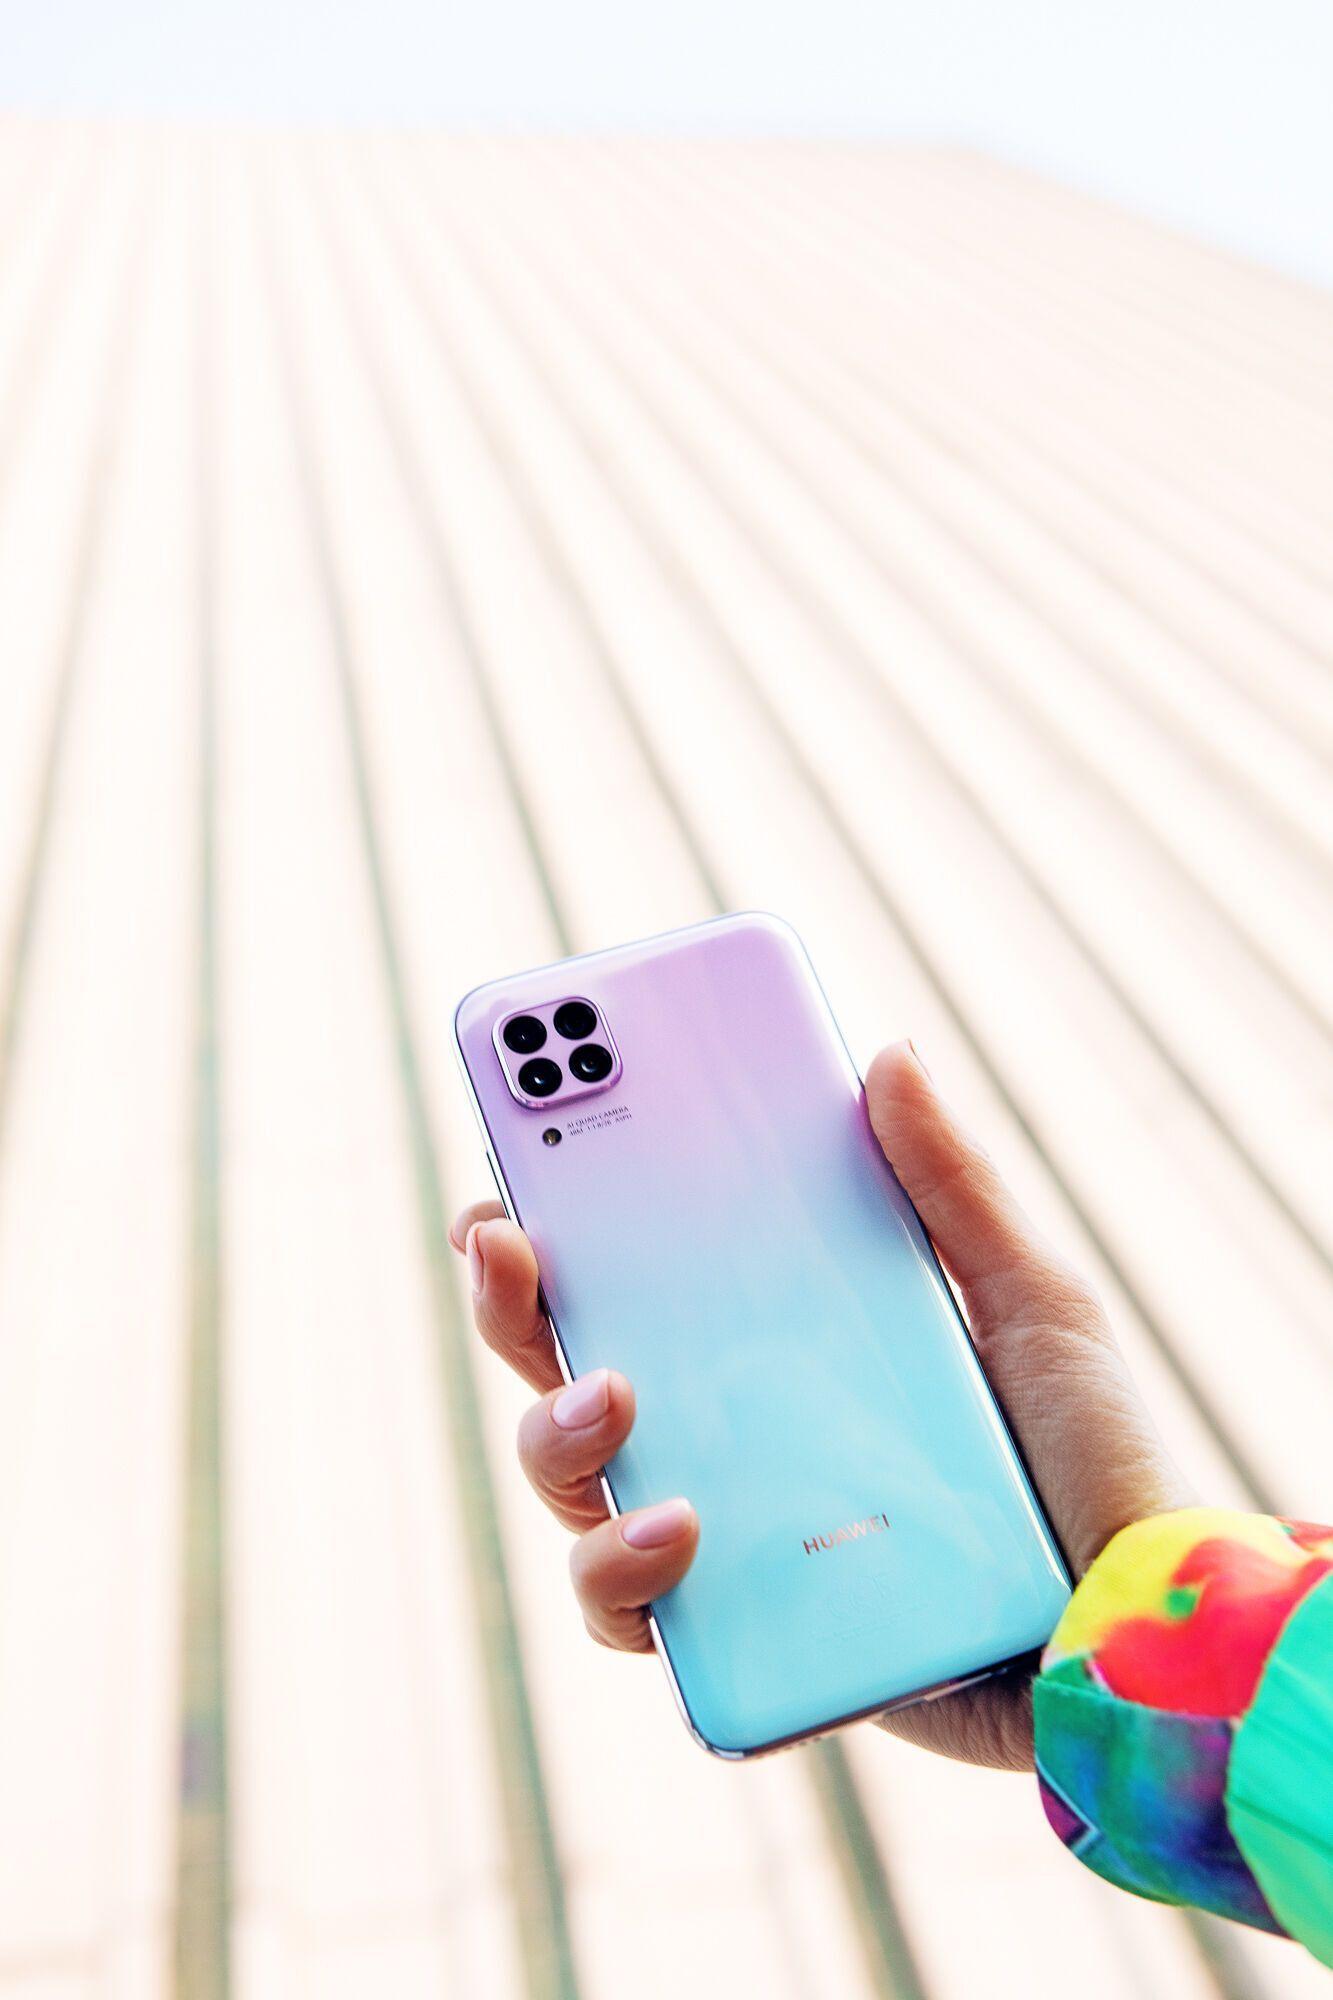 Huawei P40 lite: смартфон, созданный для фото и развлечений